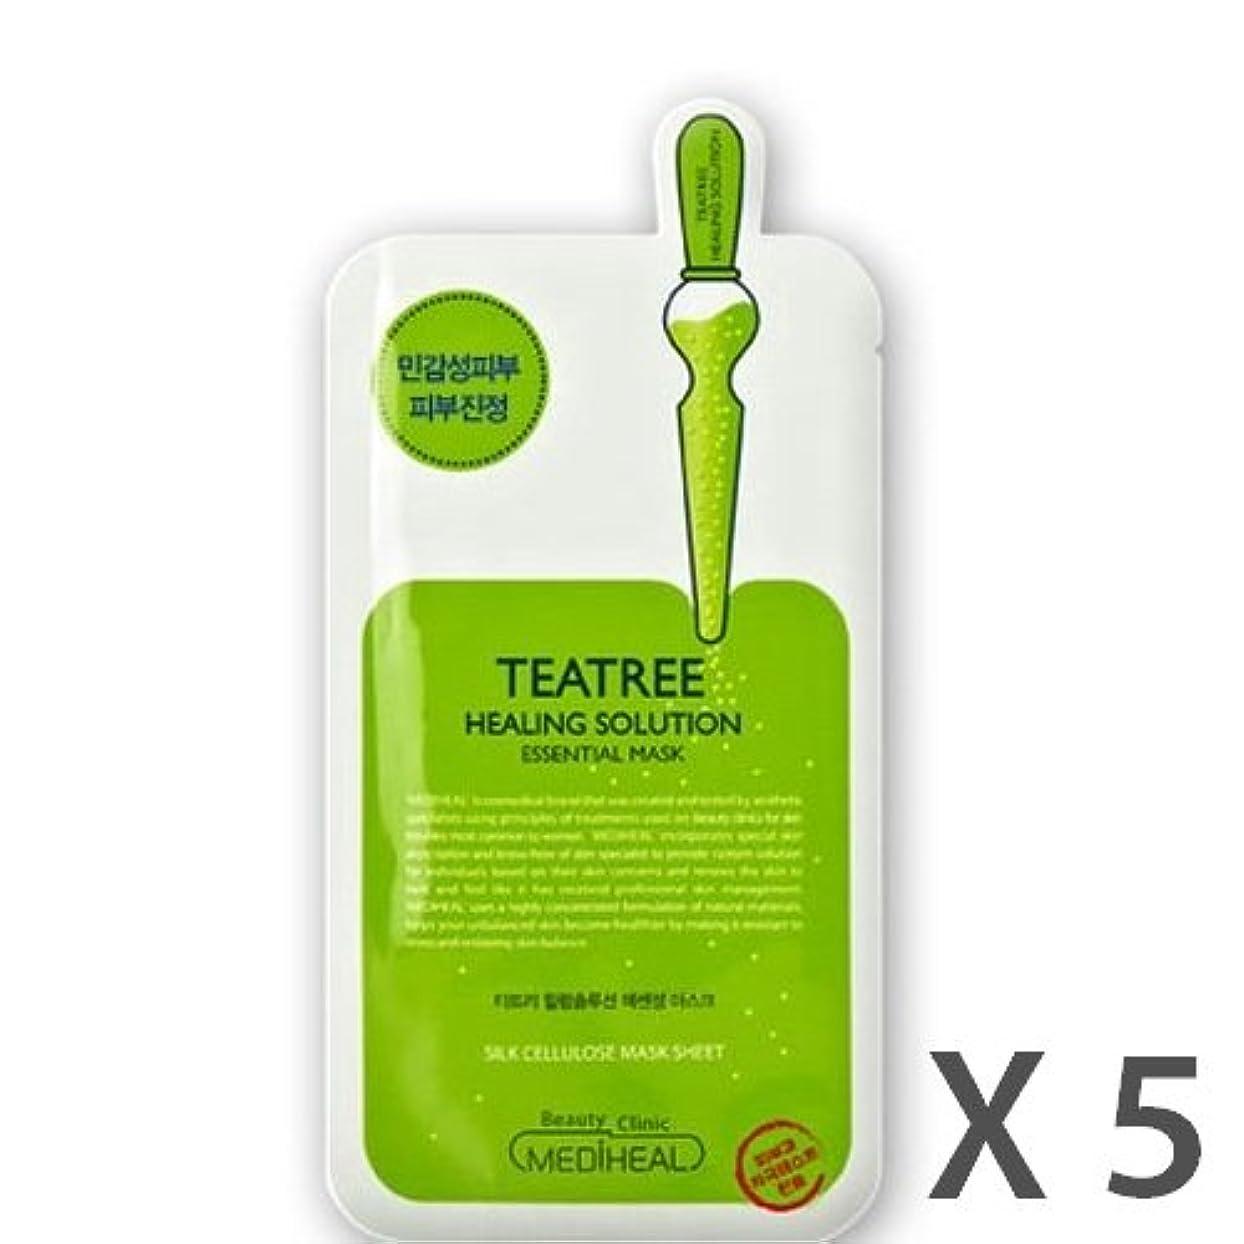 赤お気に入りムスタチオMEDIHEAL Tea Tree Healing Solution Essential Mask 5ea /メディヒール ティー ツリー ヒーリングソリューションエッセンシャルマスク 5ea [並行輸入品]